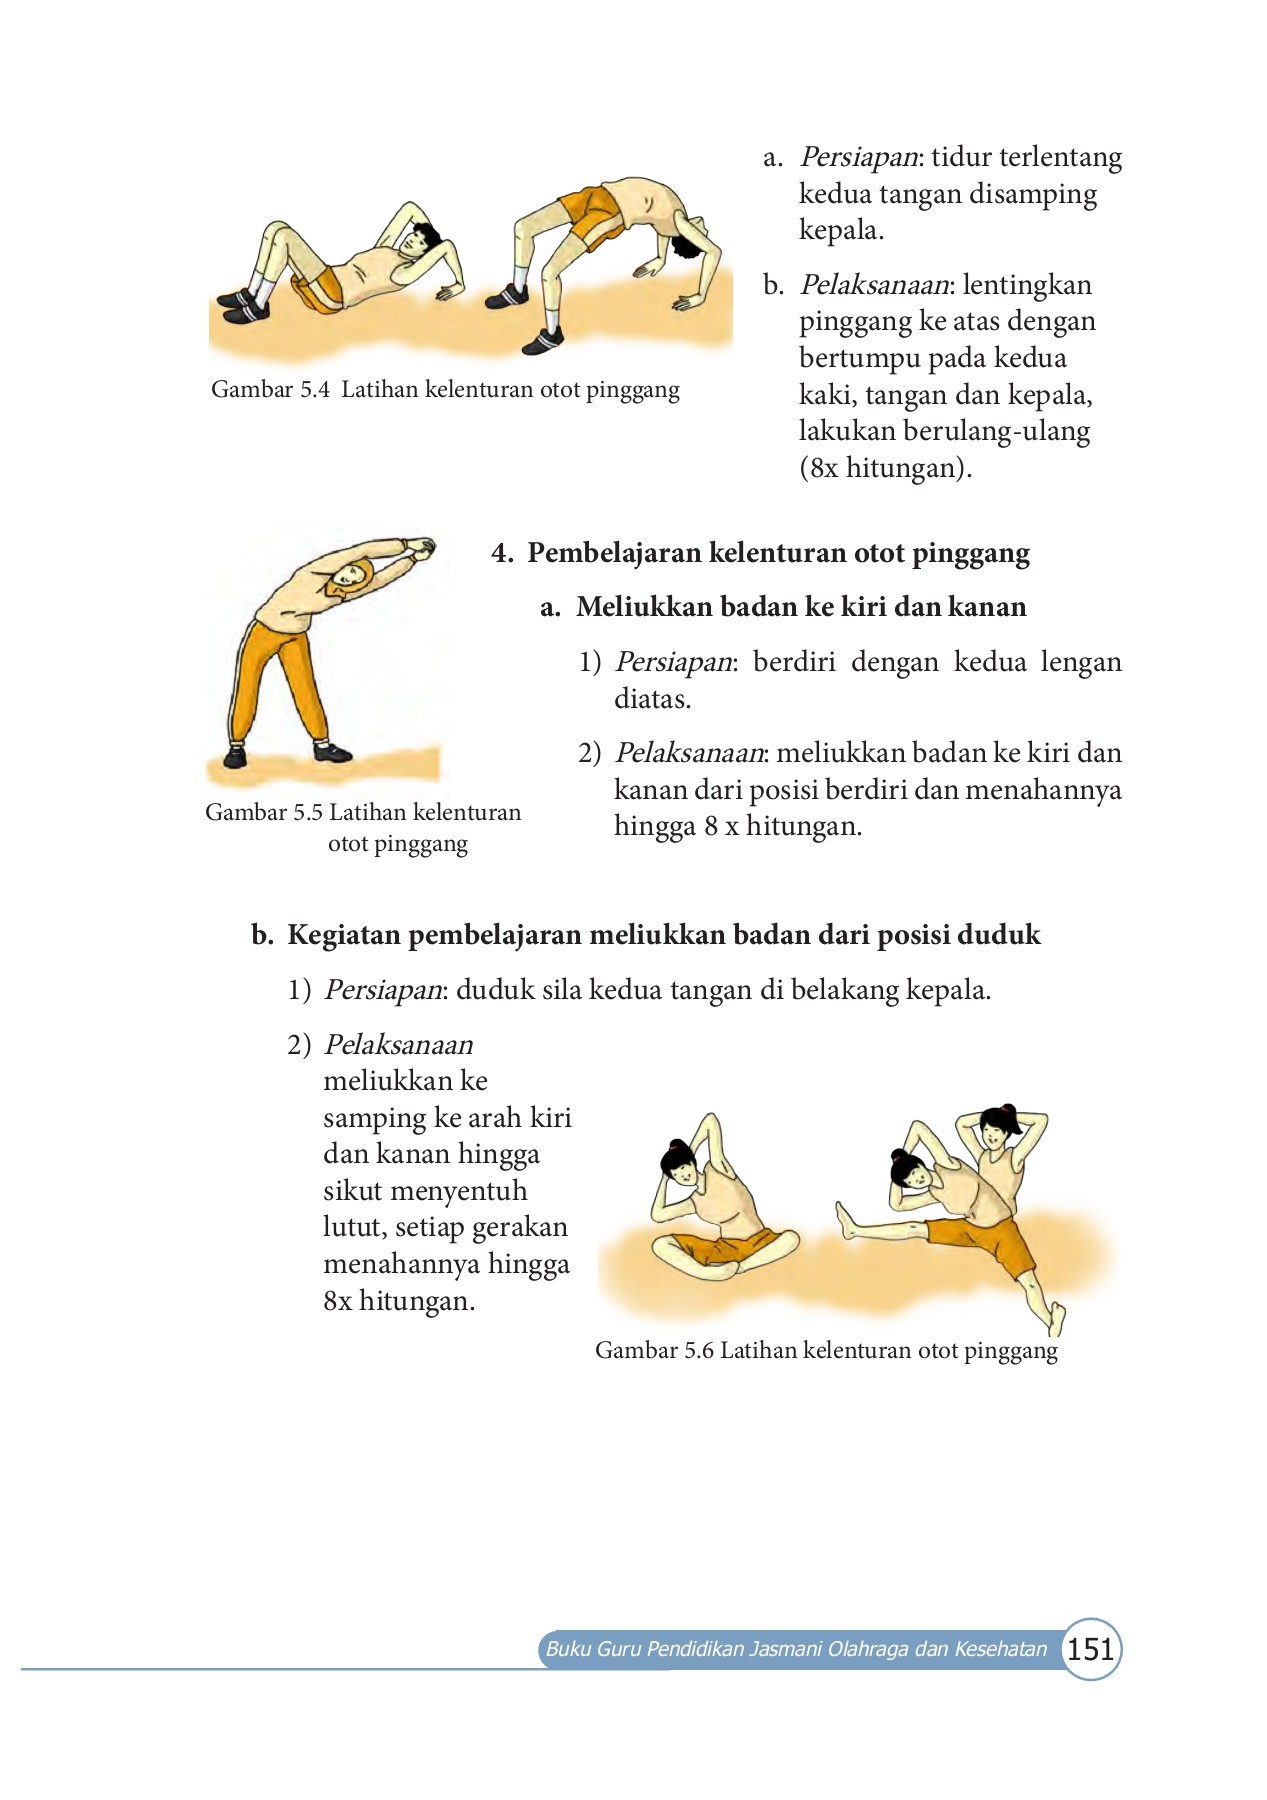 Cara Meliukkan Badan : meliukkan, badan, Kelas_10_SMA_Pendidikan_Jasmani_Olahraga_&_Kesehatan_Guru_2016, Pages, Download, FlipHTML5